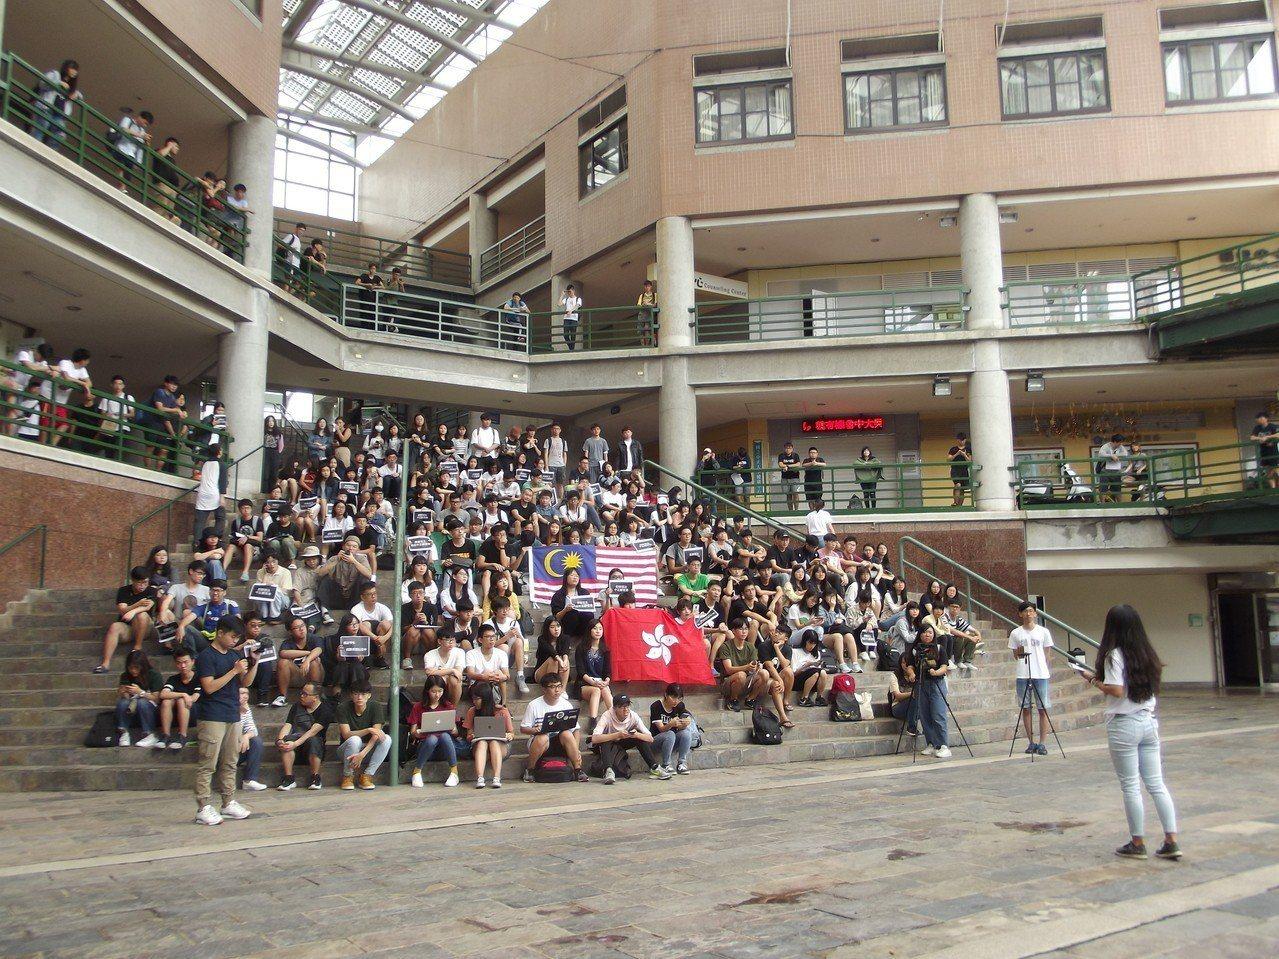 香港學生表達對自由民主的關切。。記者謝恩得/攝影